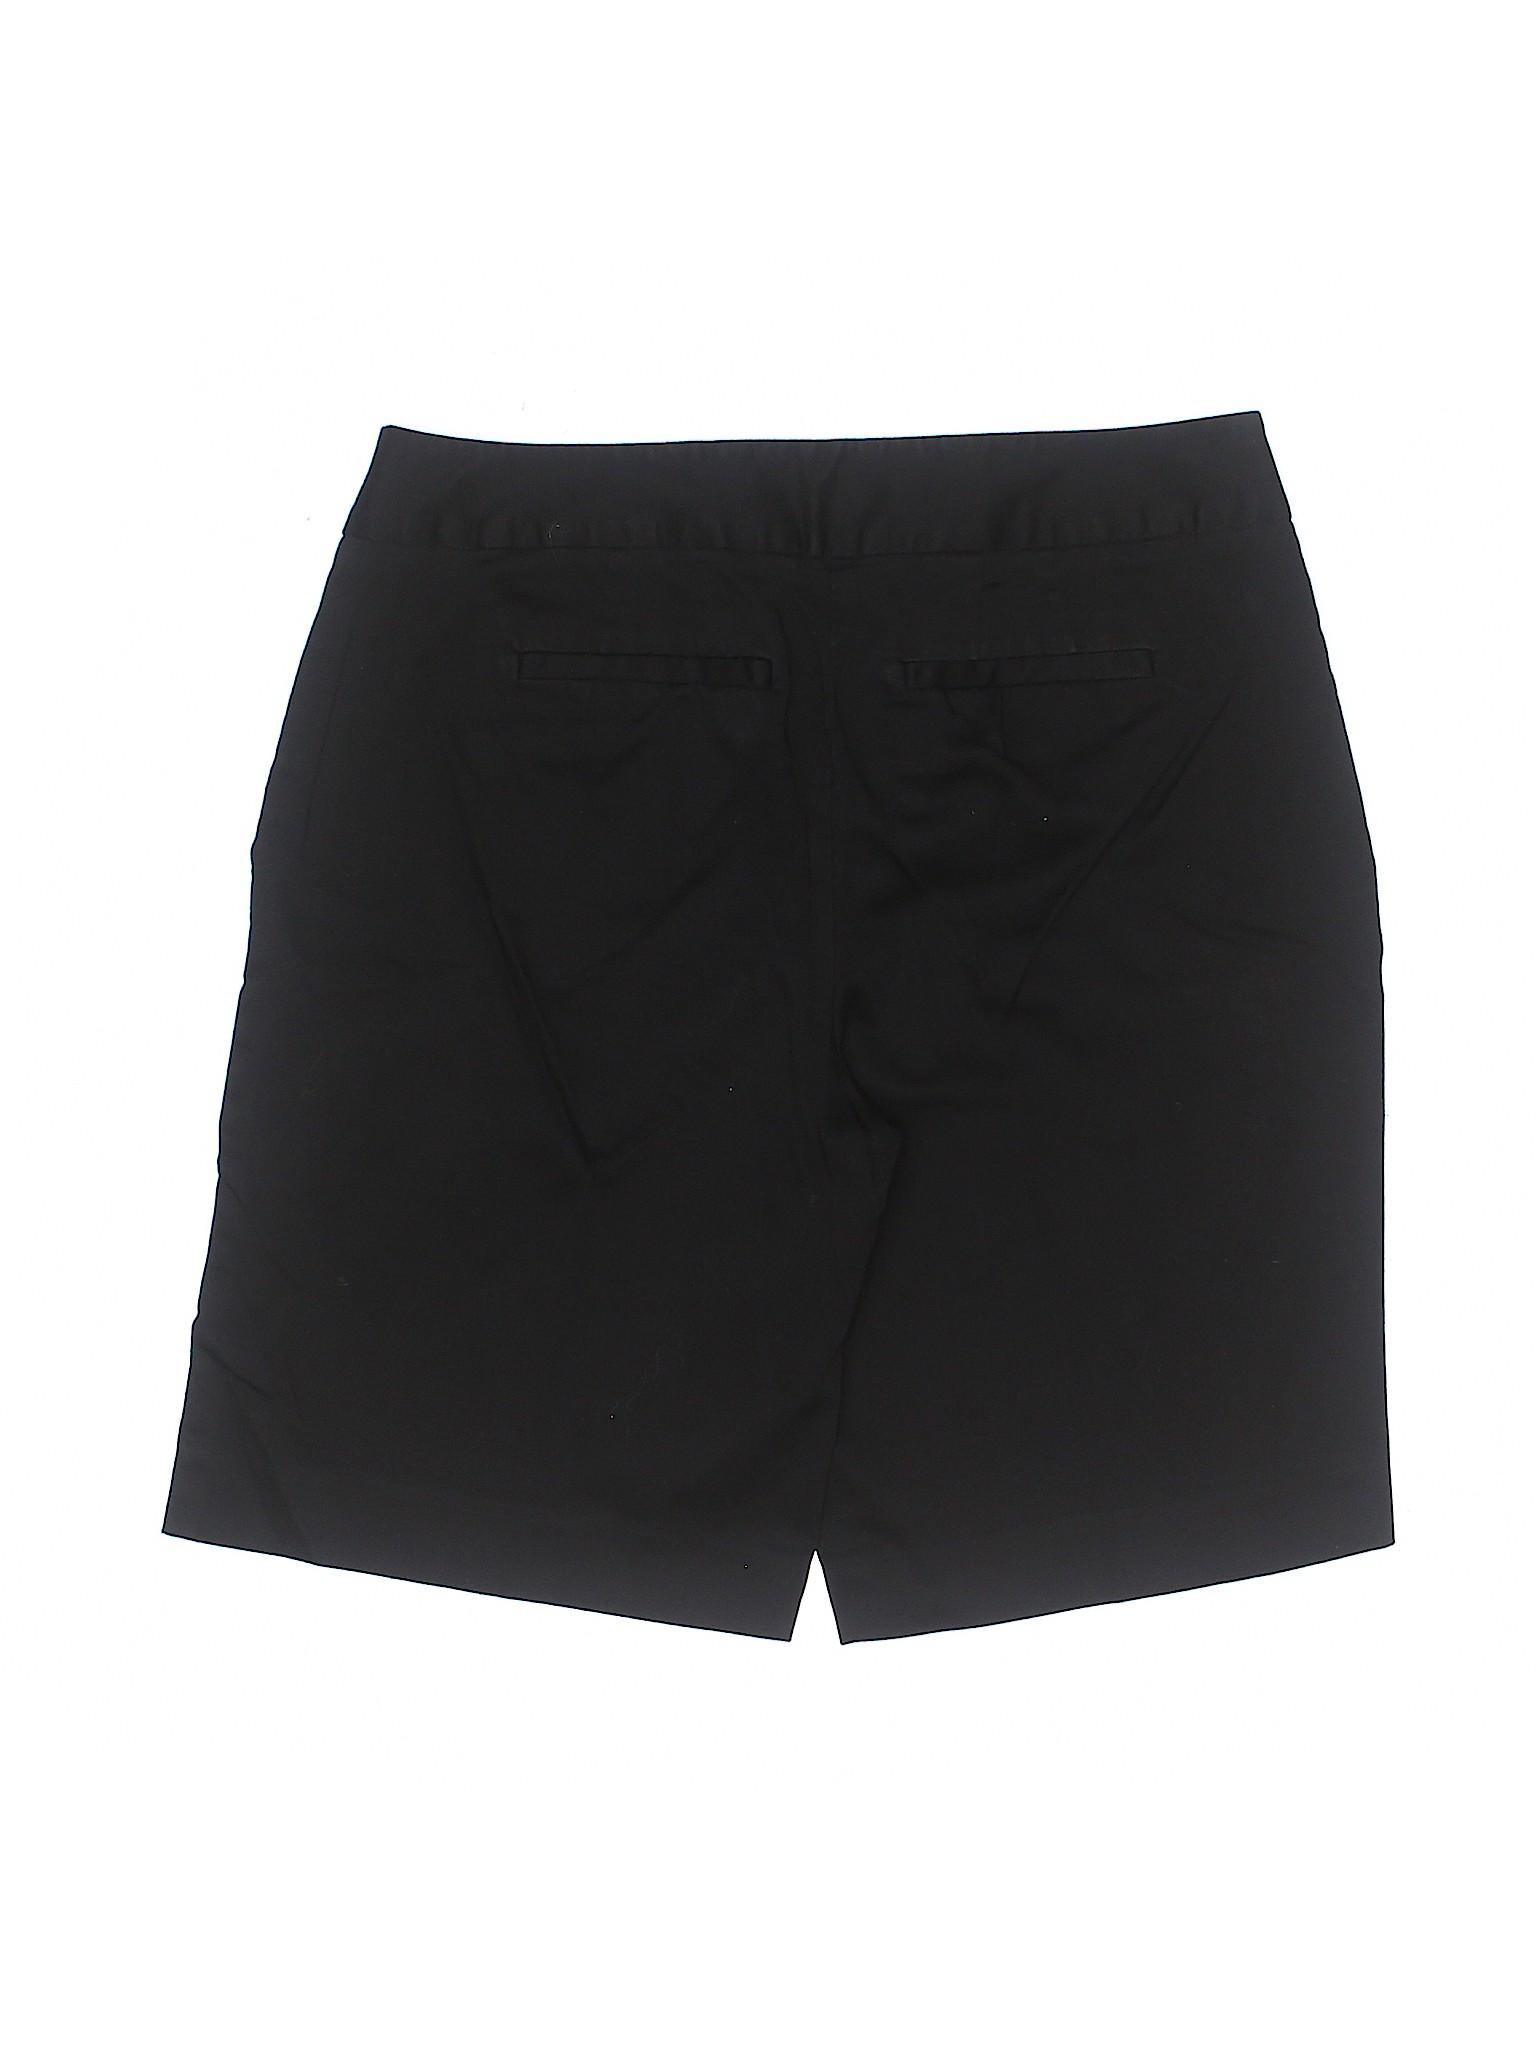 Taylor Shorts Boutique Boutique Ann Shorts Ann Ann Taylor Taylor Shorts Boutique Rwtvff